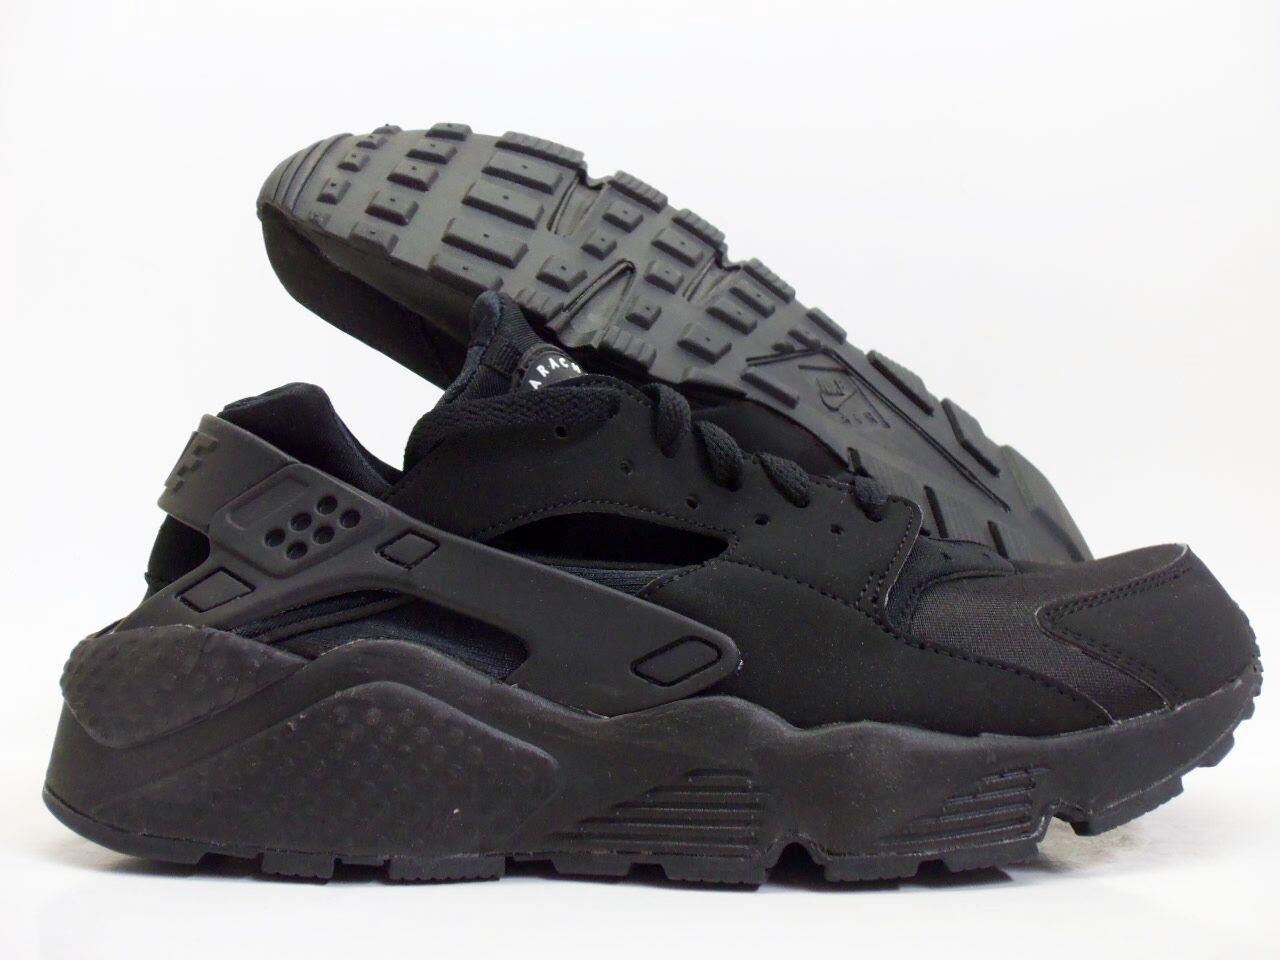 Nike air dimensioni huarache allenatore nero / nero-white dimensioni air uomini 10 [318429-003] 986c48